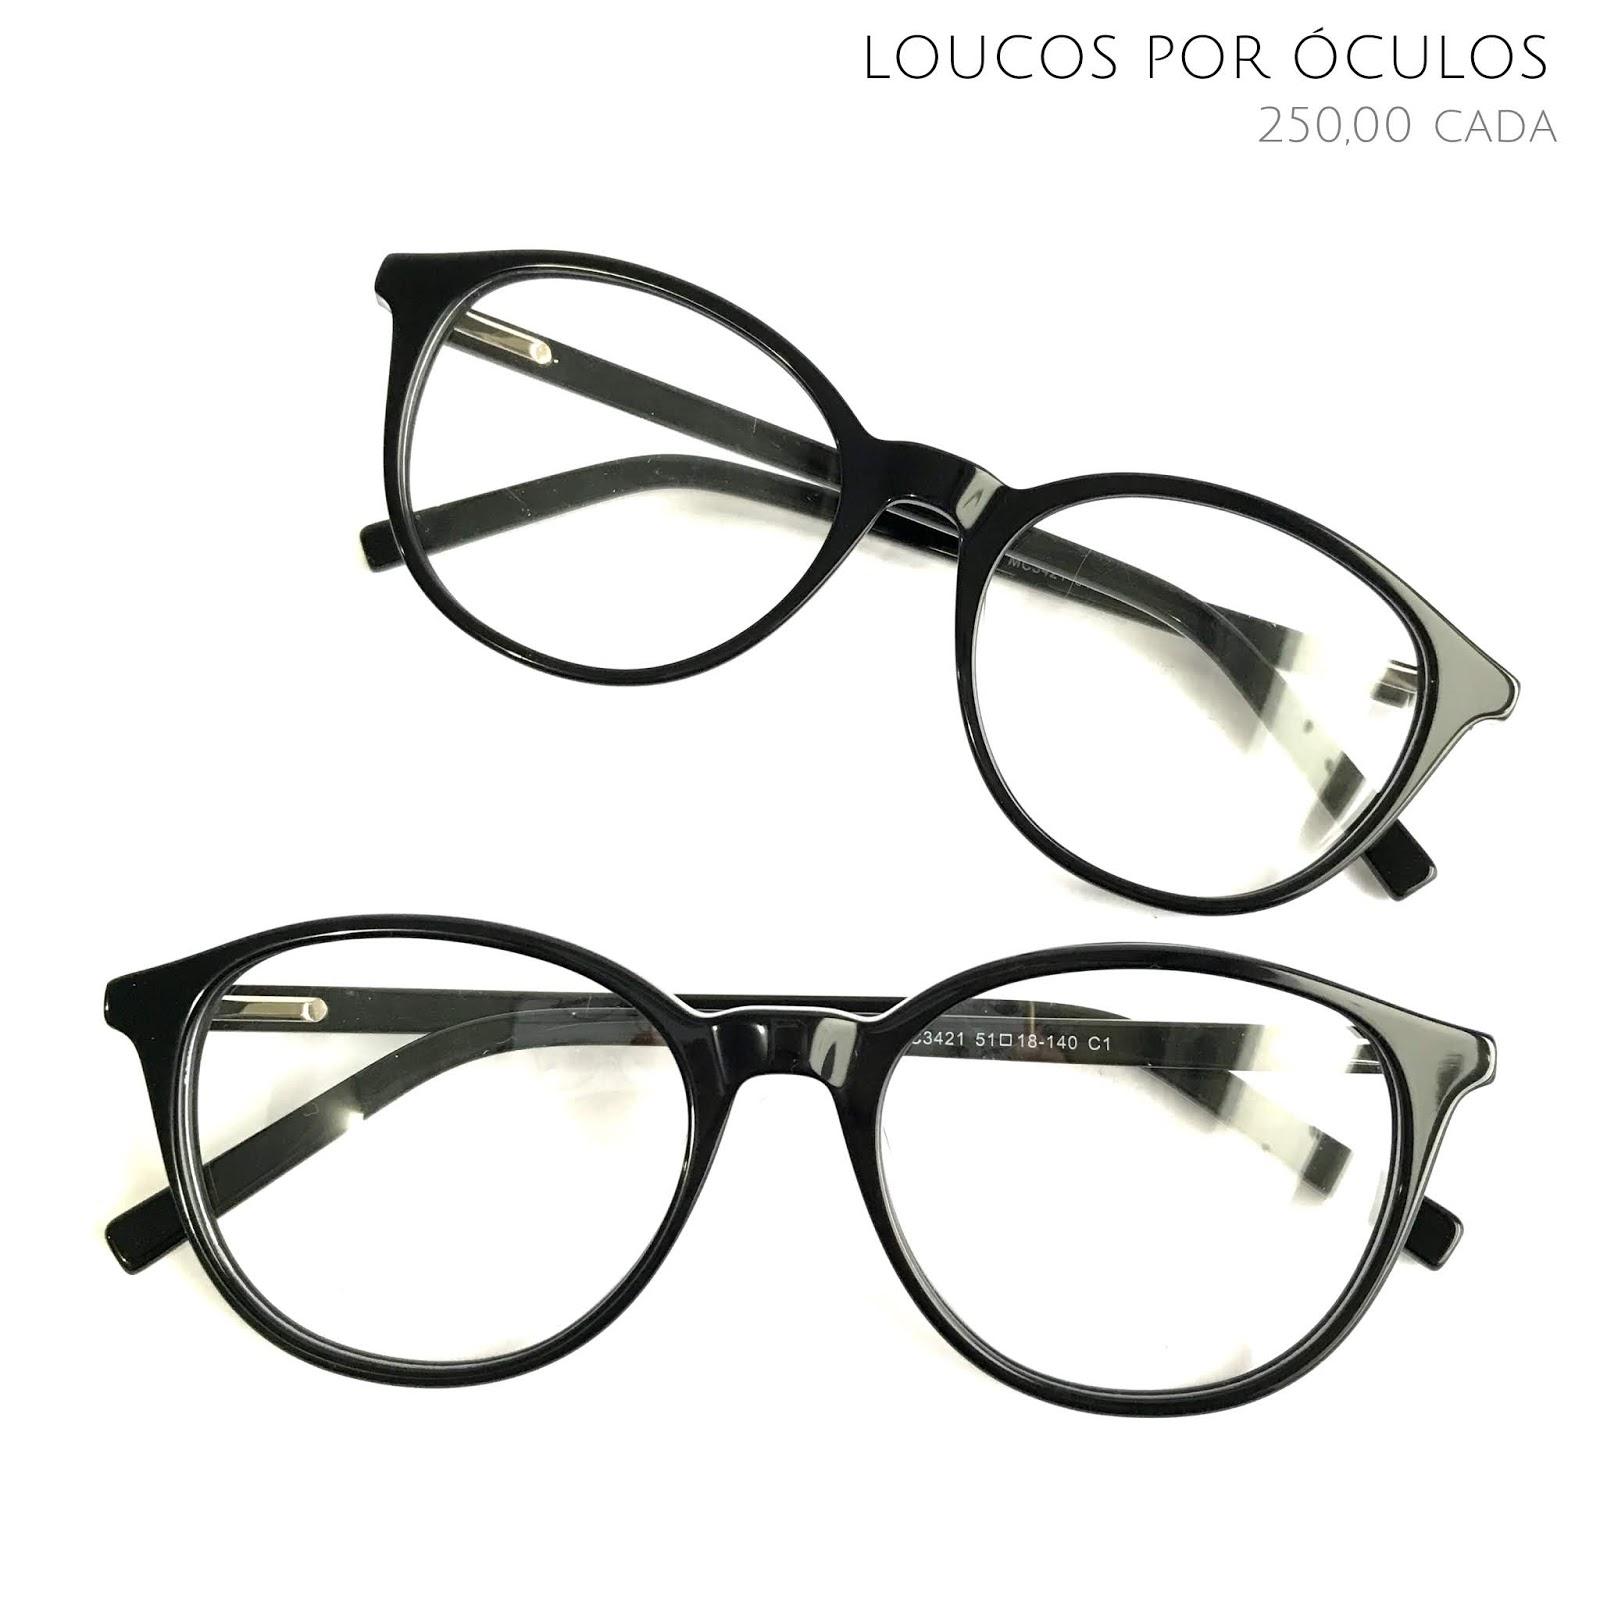 Óculos colorido - Óculos redondo de acetato - Óculos retrô - Óculos preto -  Óculos básico - Óculos lindo - óculos barato - Óculos estiloso - óculos  perfeito ... e6a8ee66f8